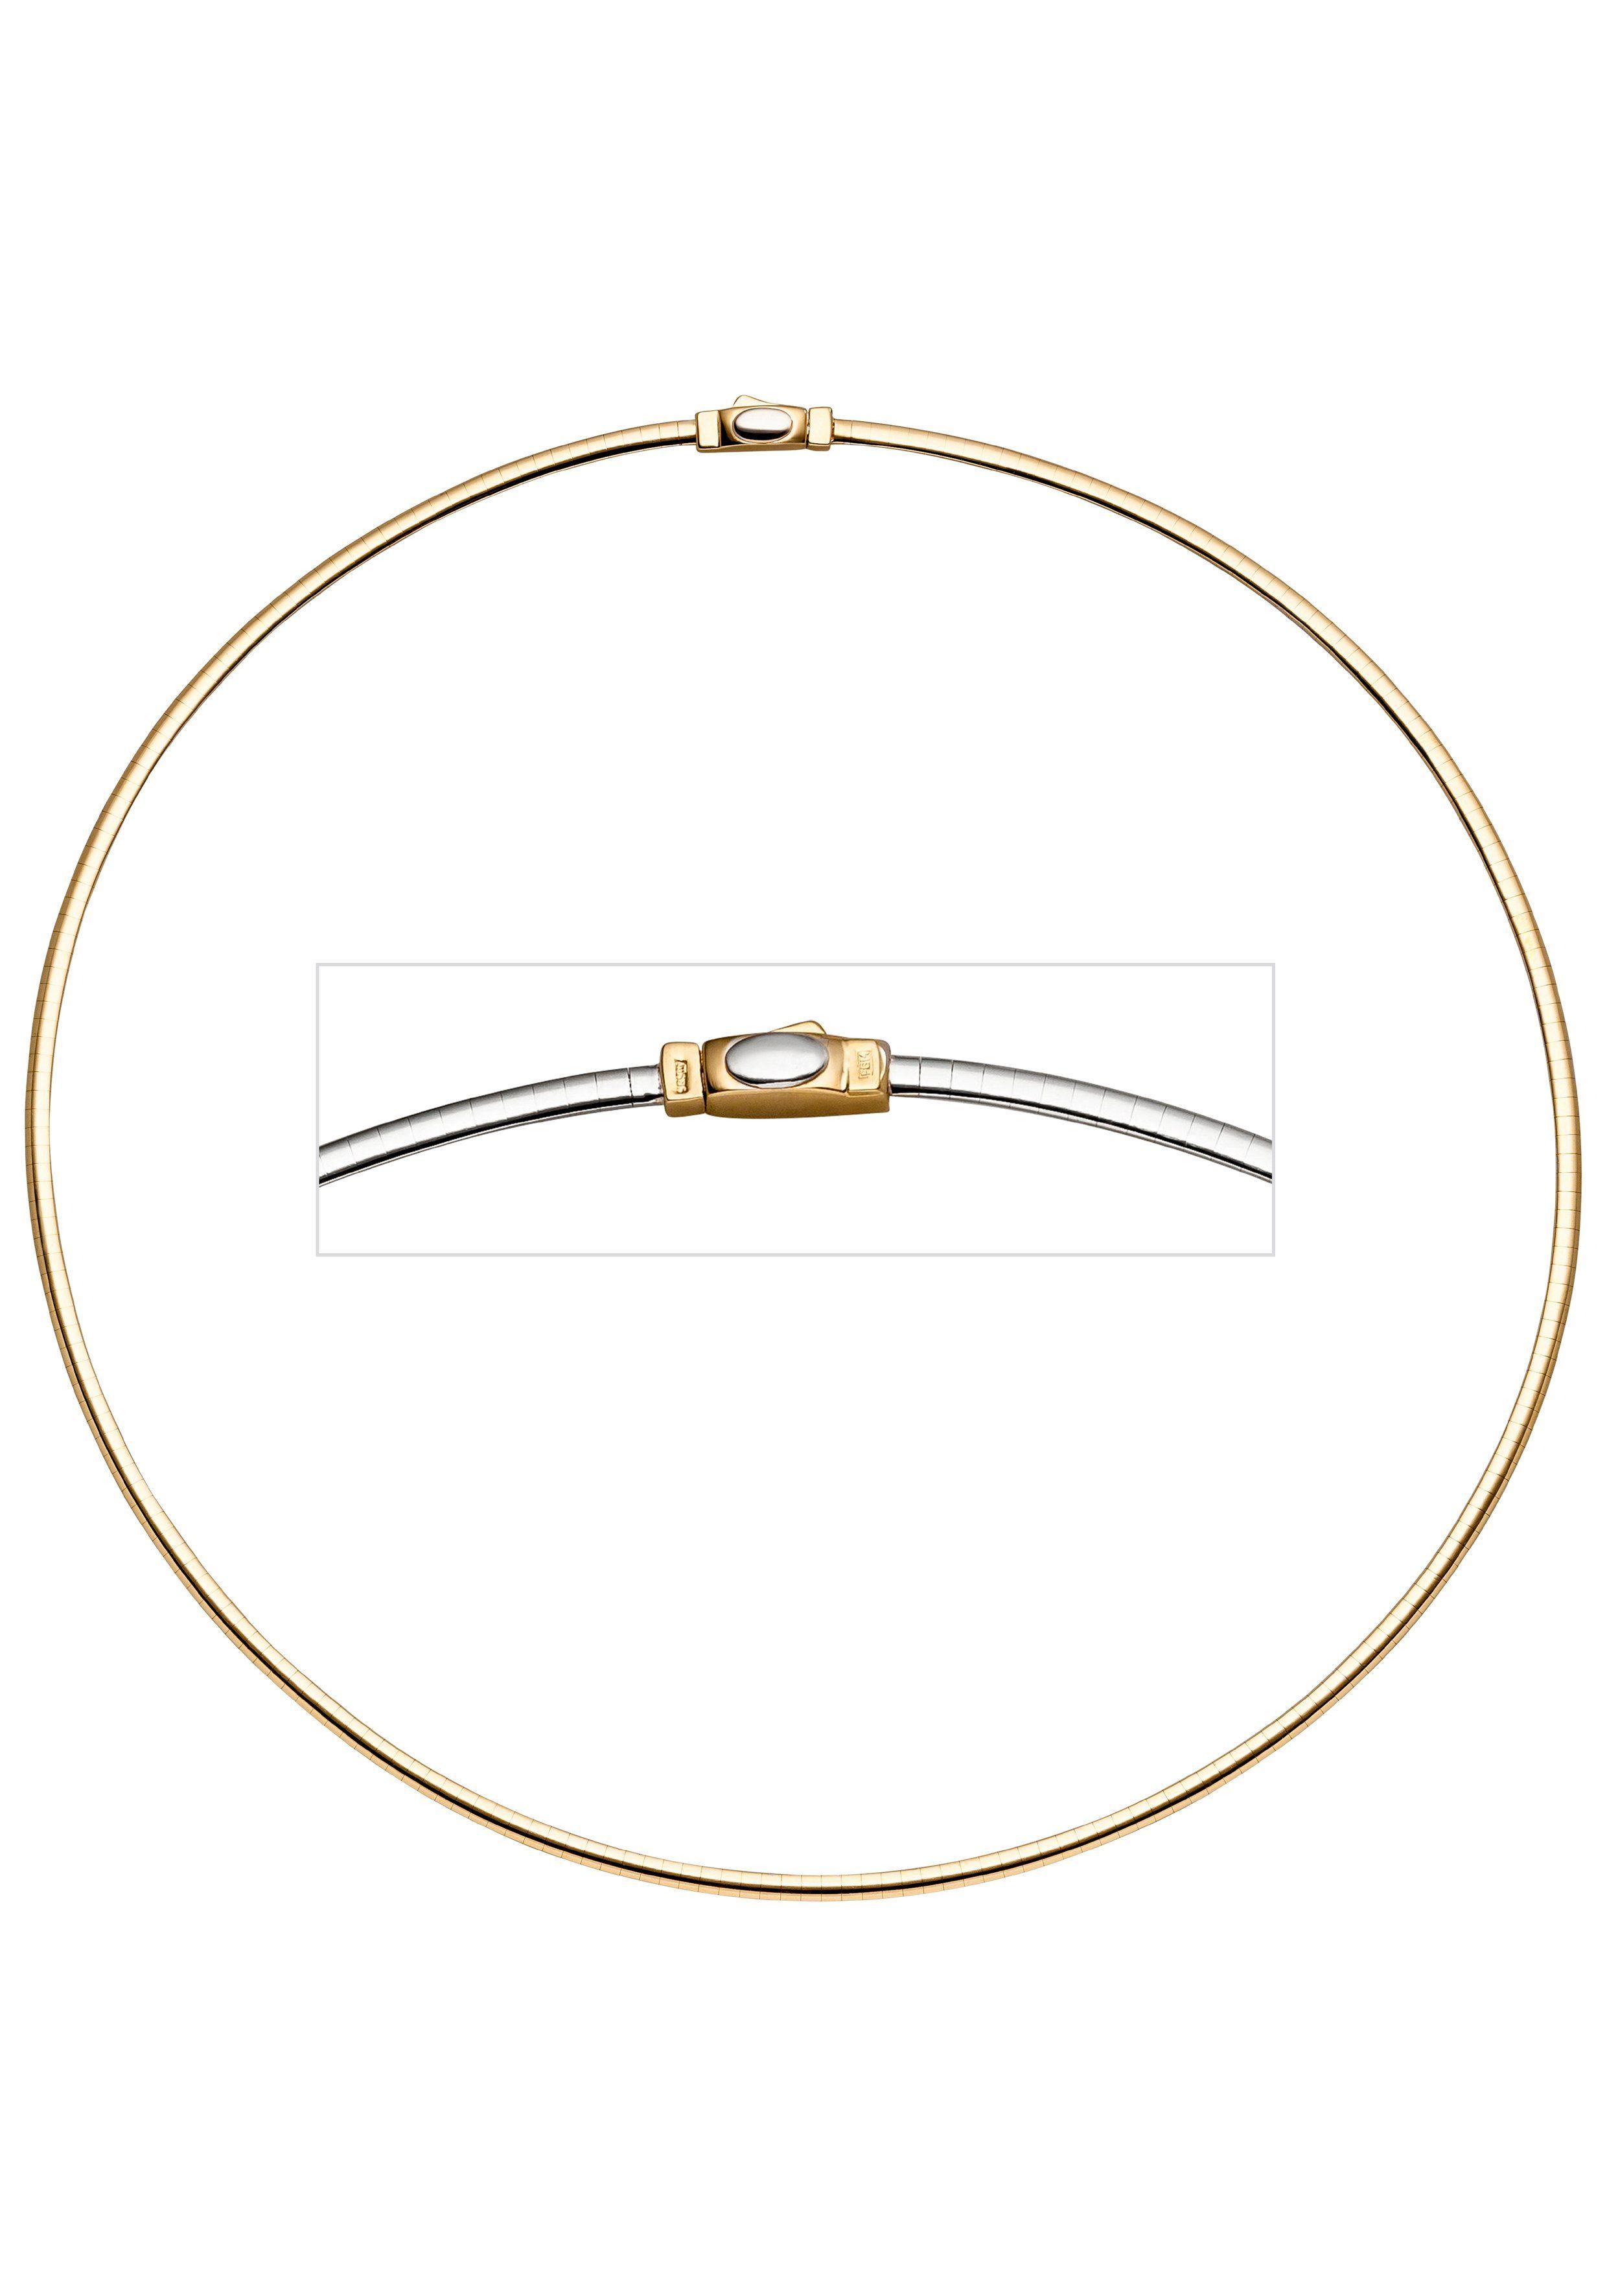 JOBO Halsreif 585 Gelbgold Weißgold 45 cm